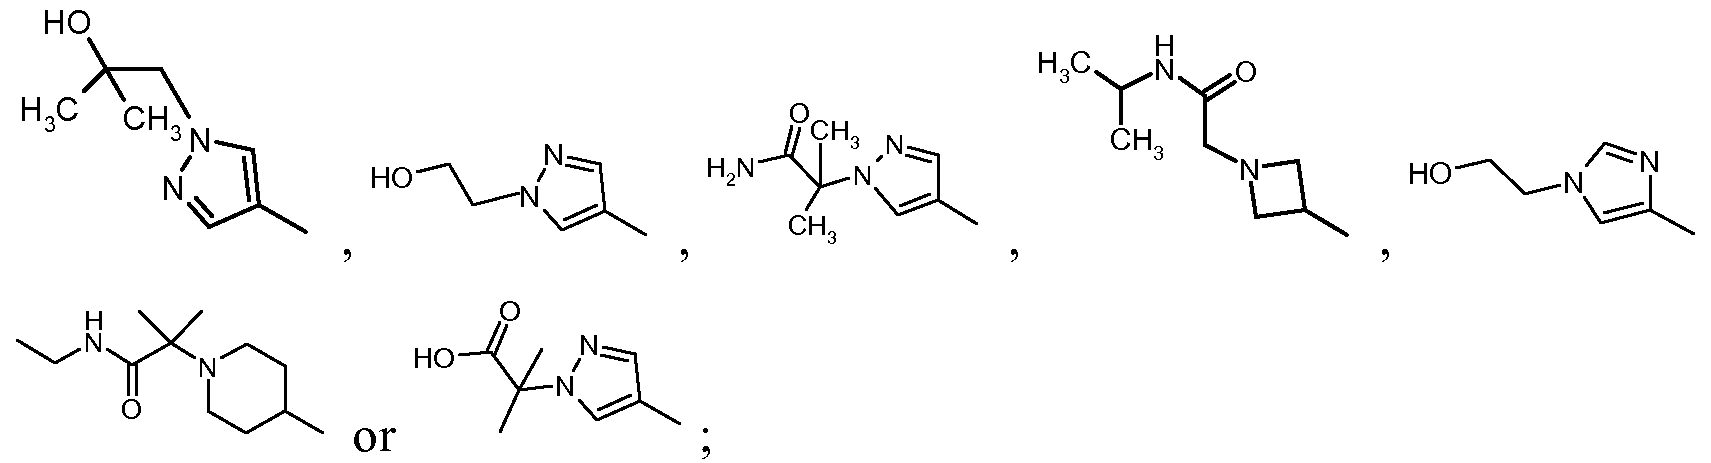 Figure imgf000363_0003